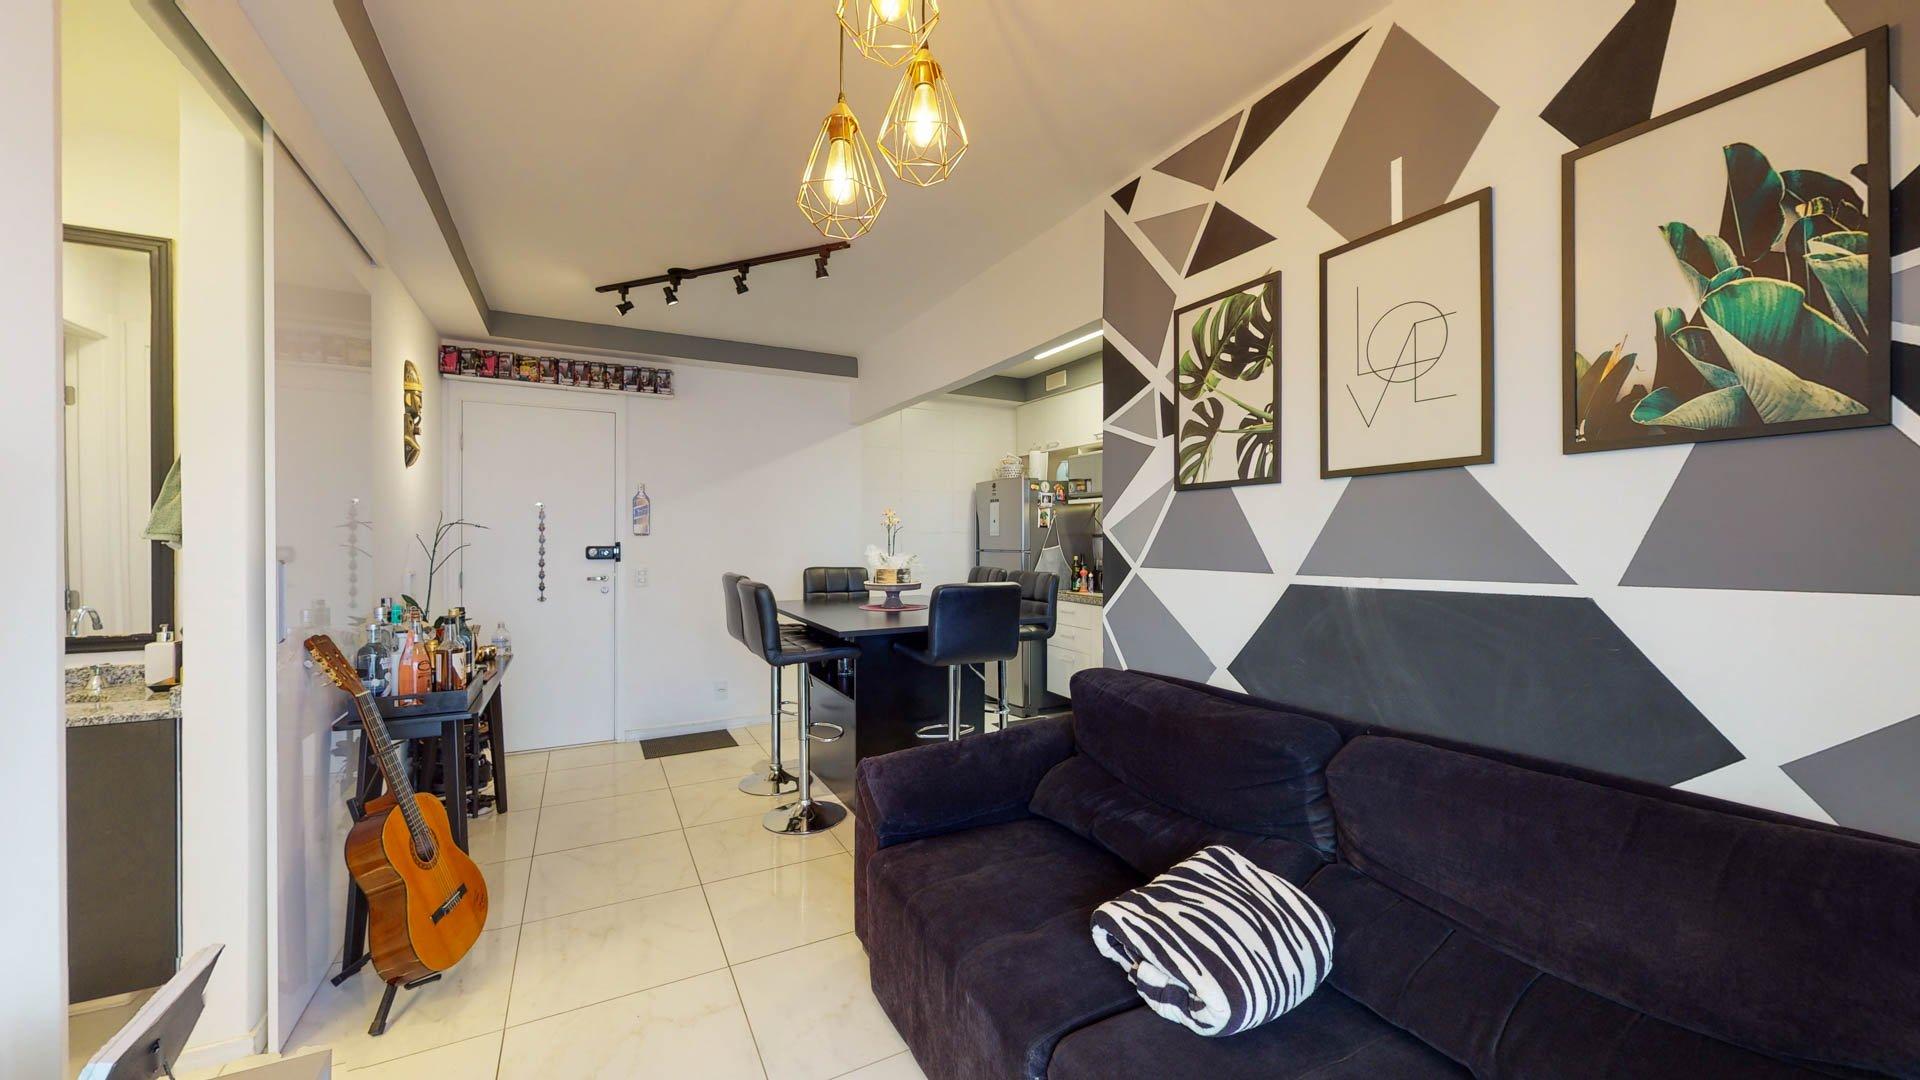 Foto de Sala com sofá, geladeira, cadeira